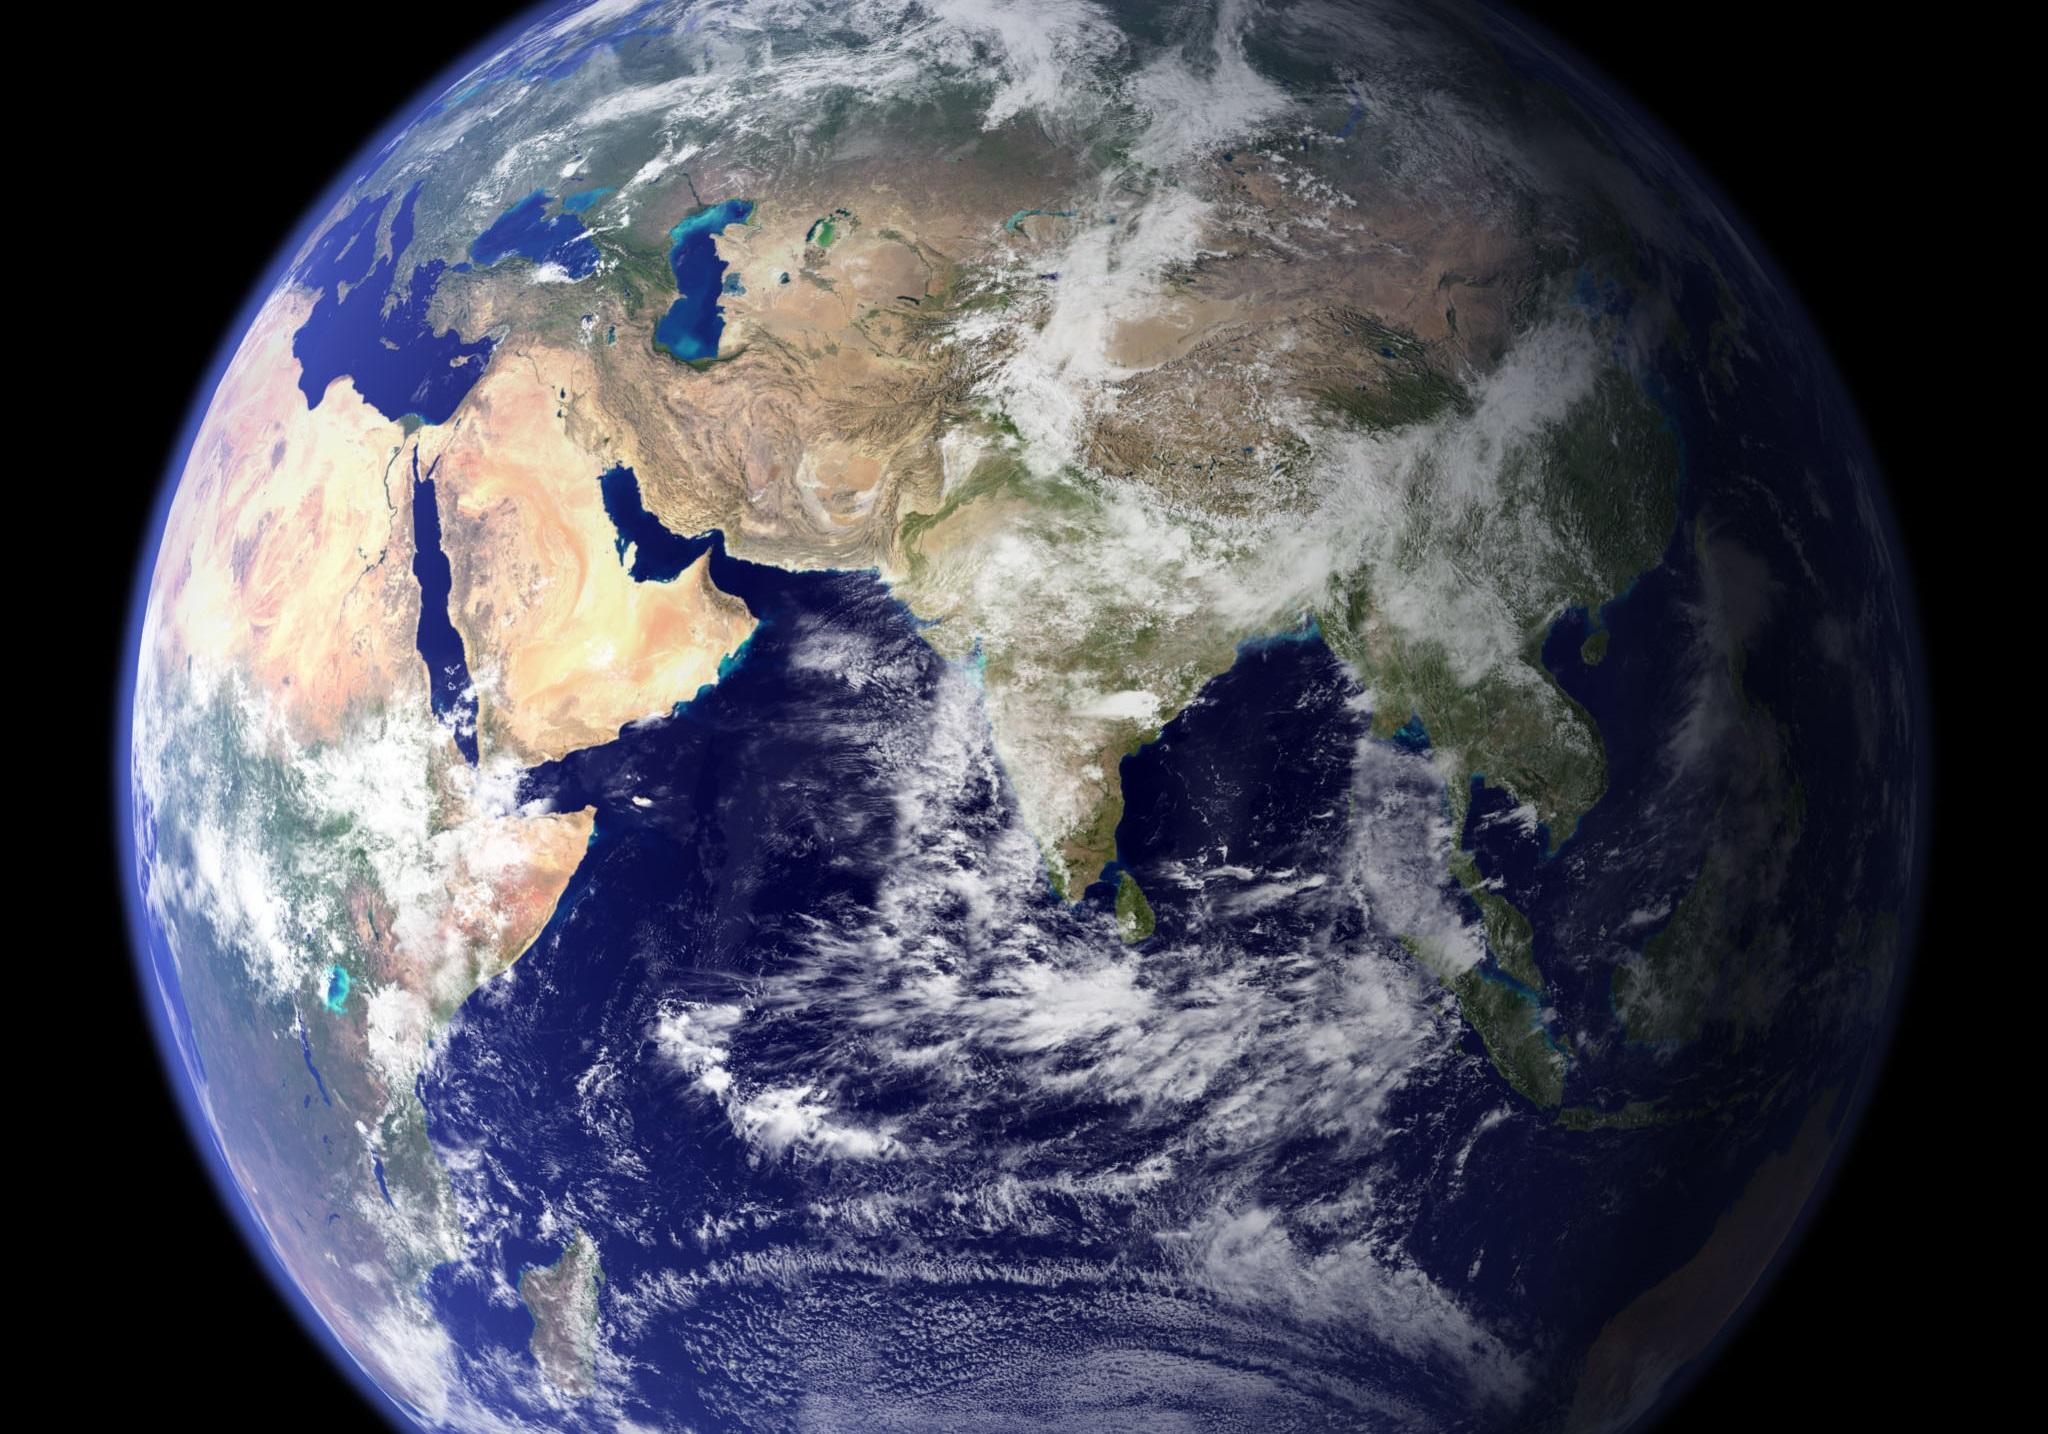 Κίνδυνος να εκτεθούμε σε επιβλαβή ακτινοβολία! Το φαινόμενο της Γης που προκαλεί ανησυχία